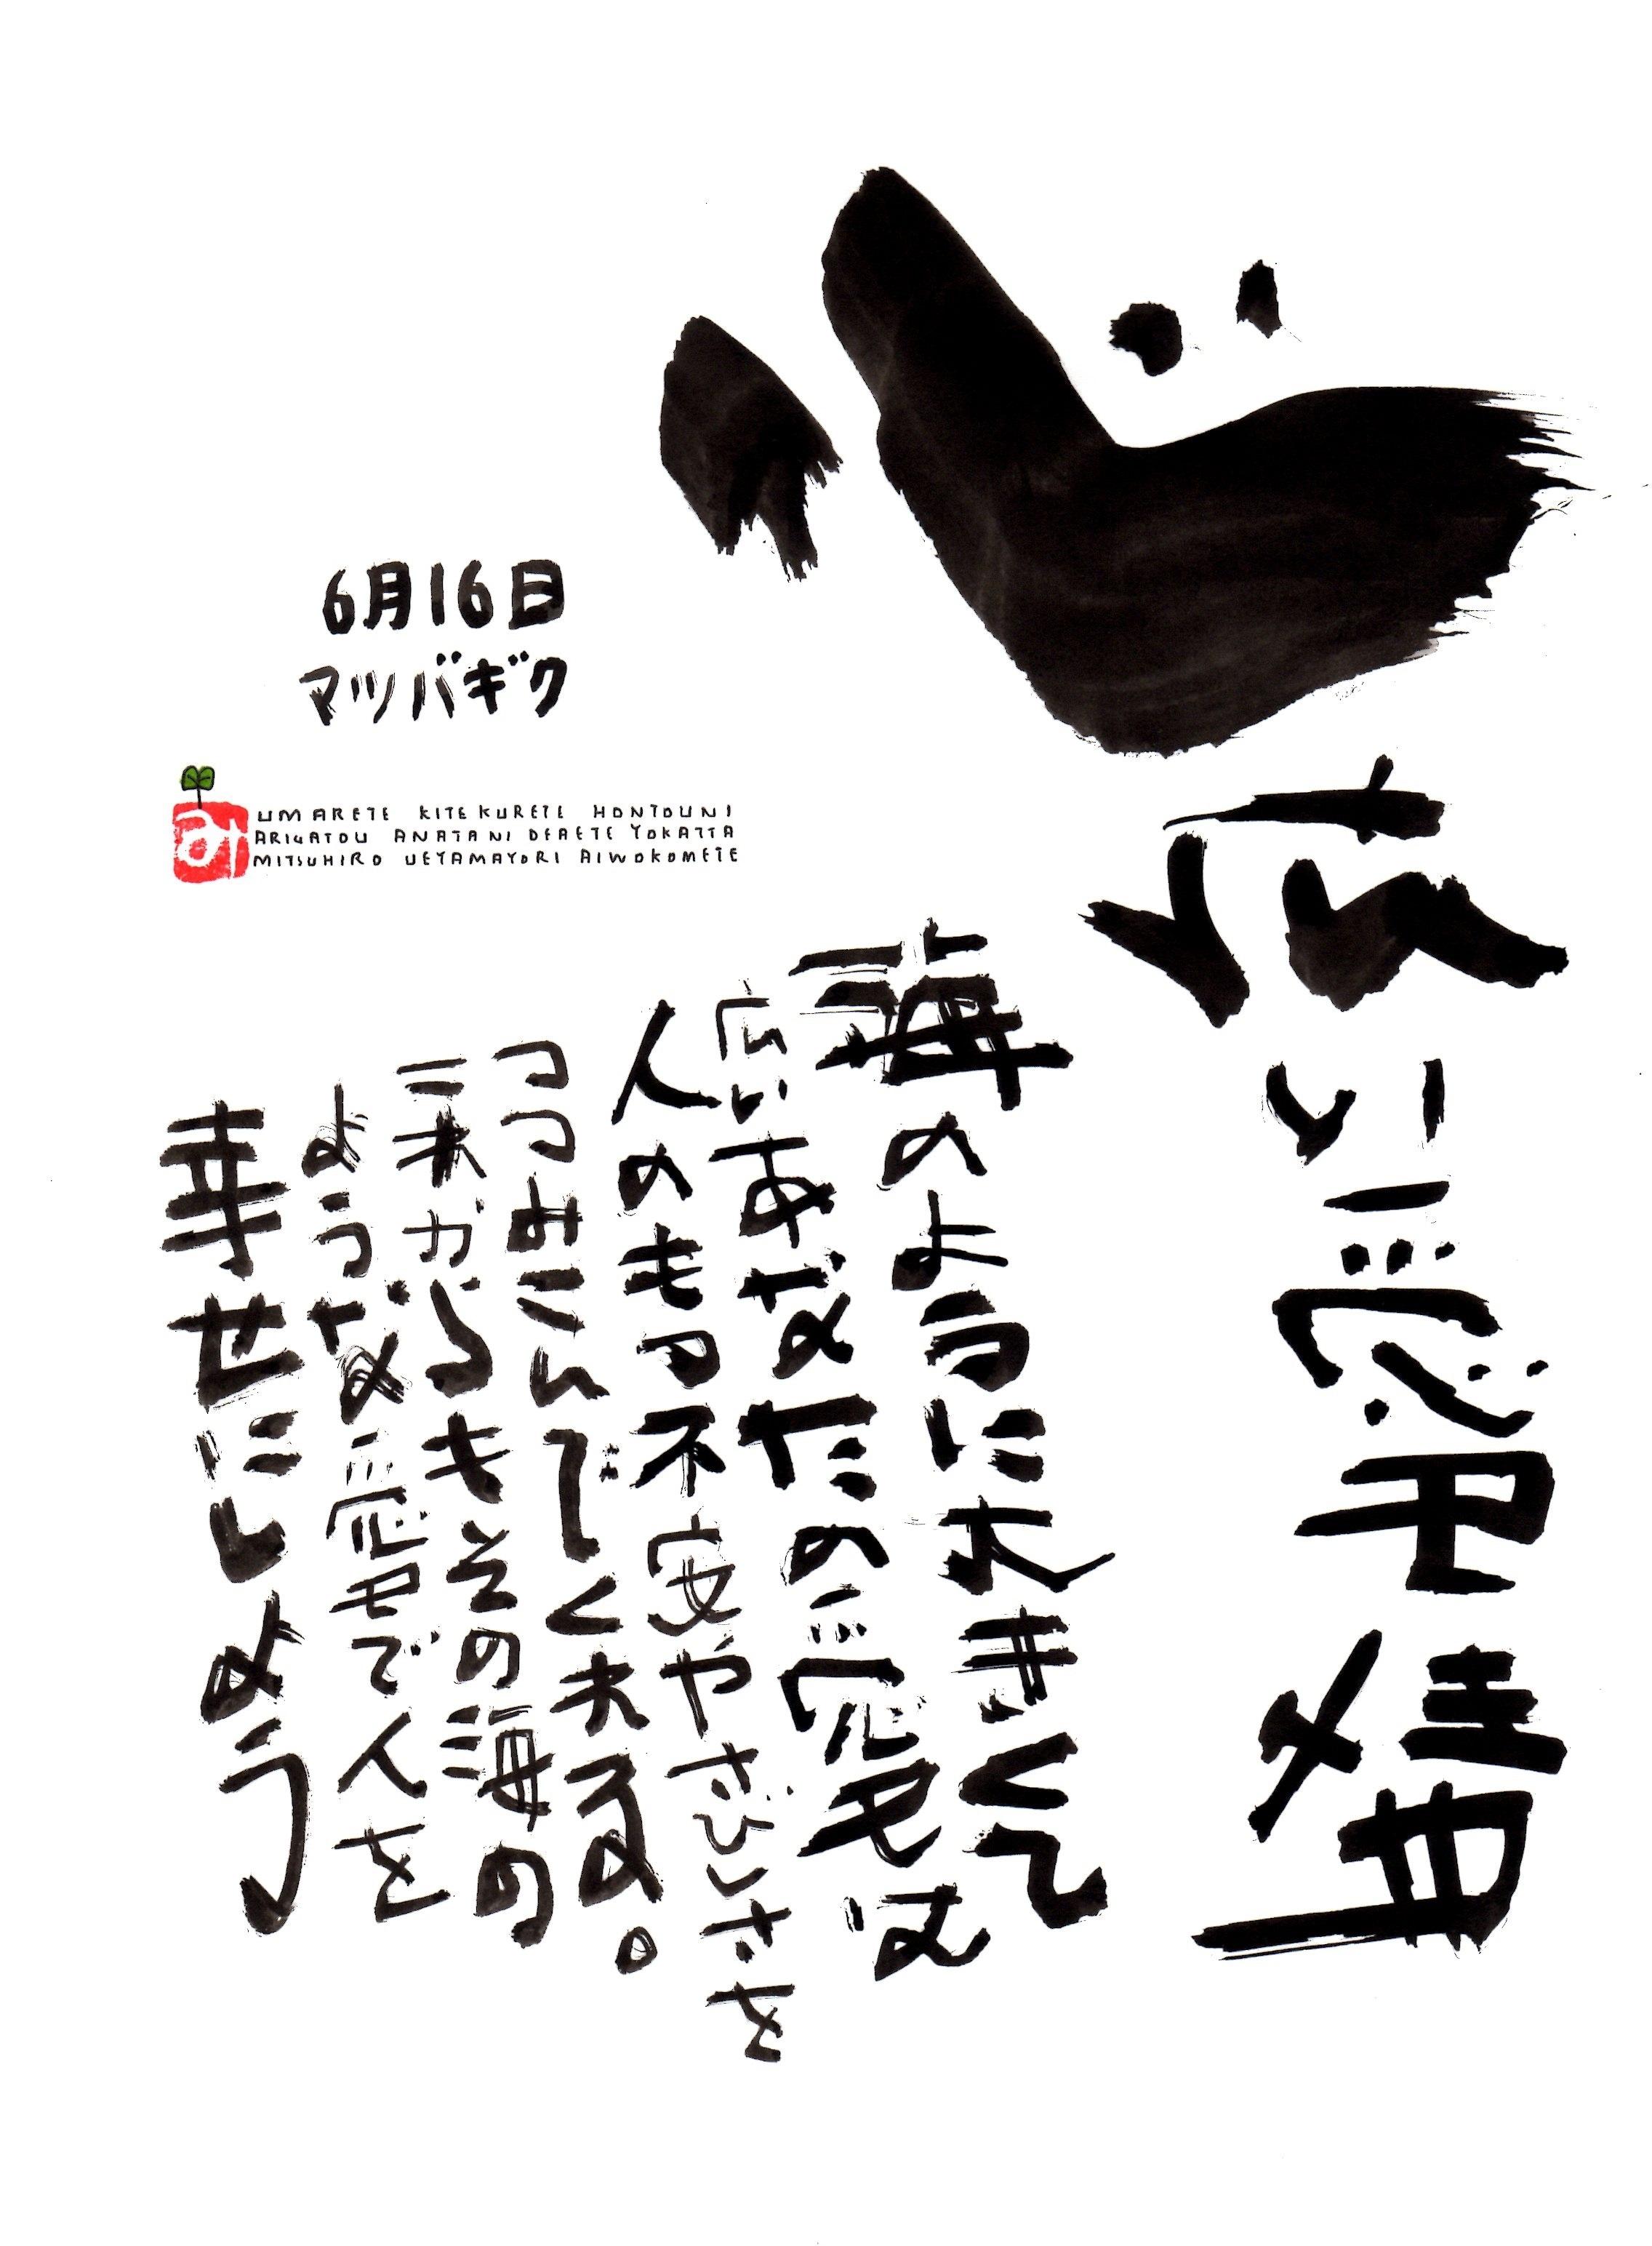 6月16日 誕生日ポストカード【心広い愛情】Heart-loving affection